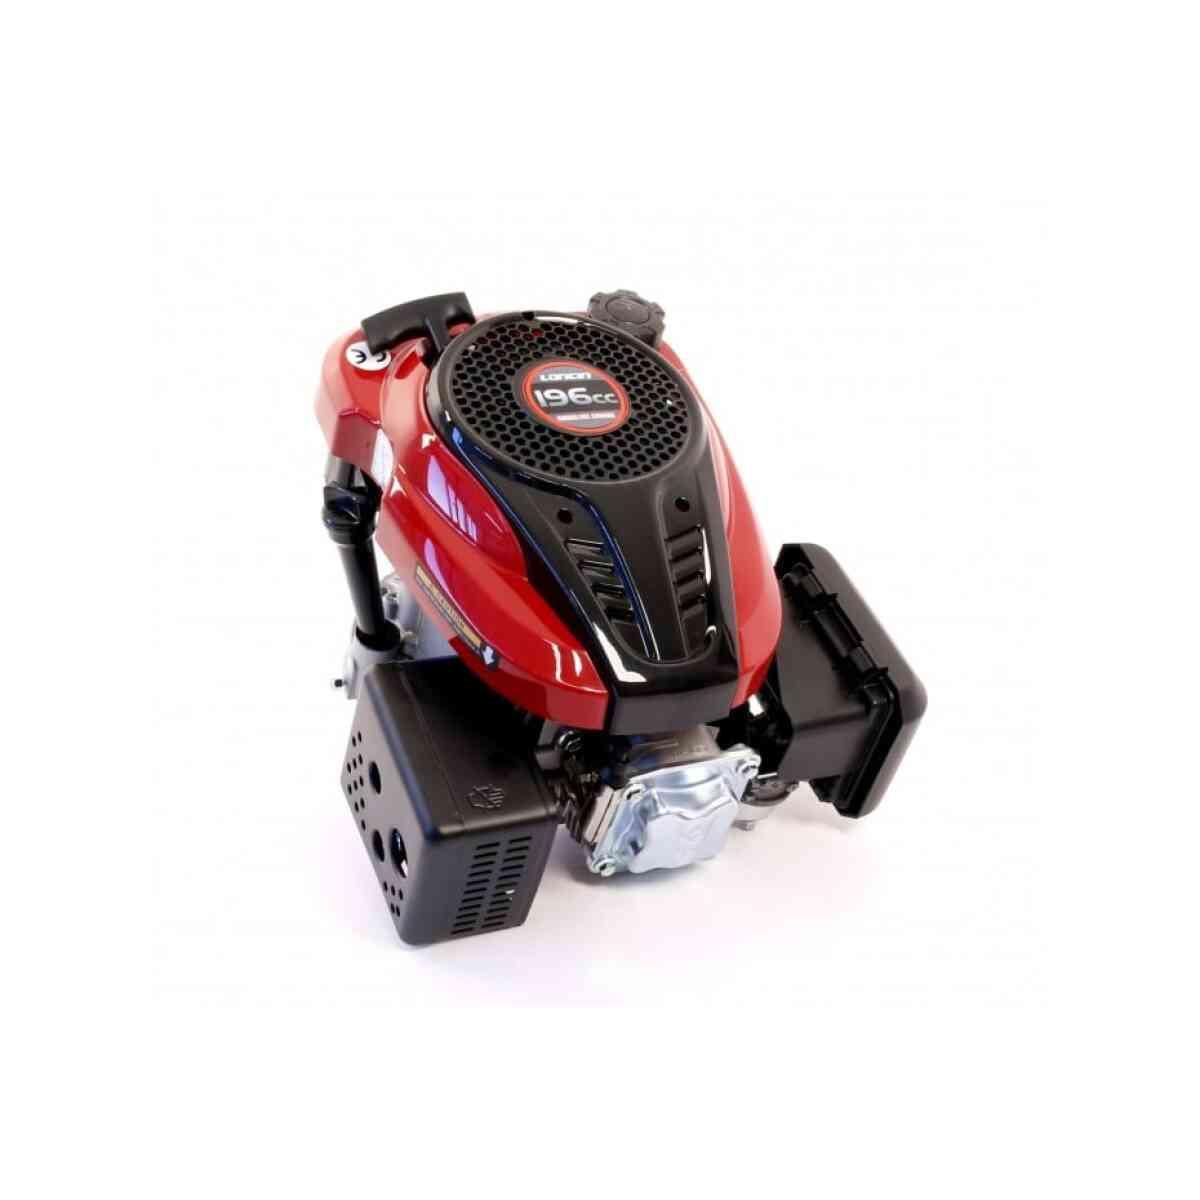 motor ax vertical loncin 65cp lc1p70fa padure gardina.ro 59